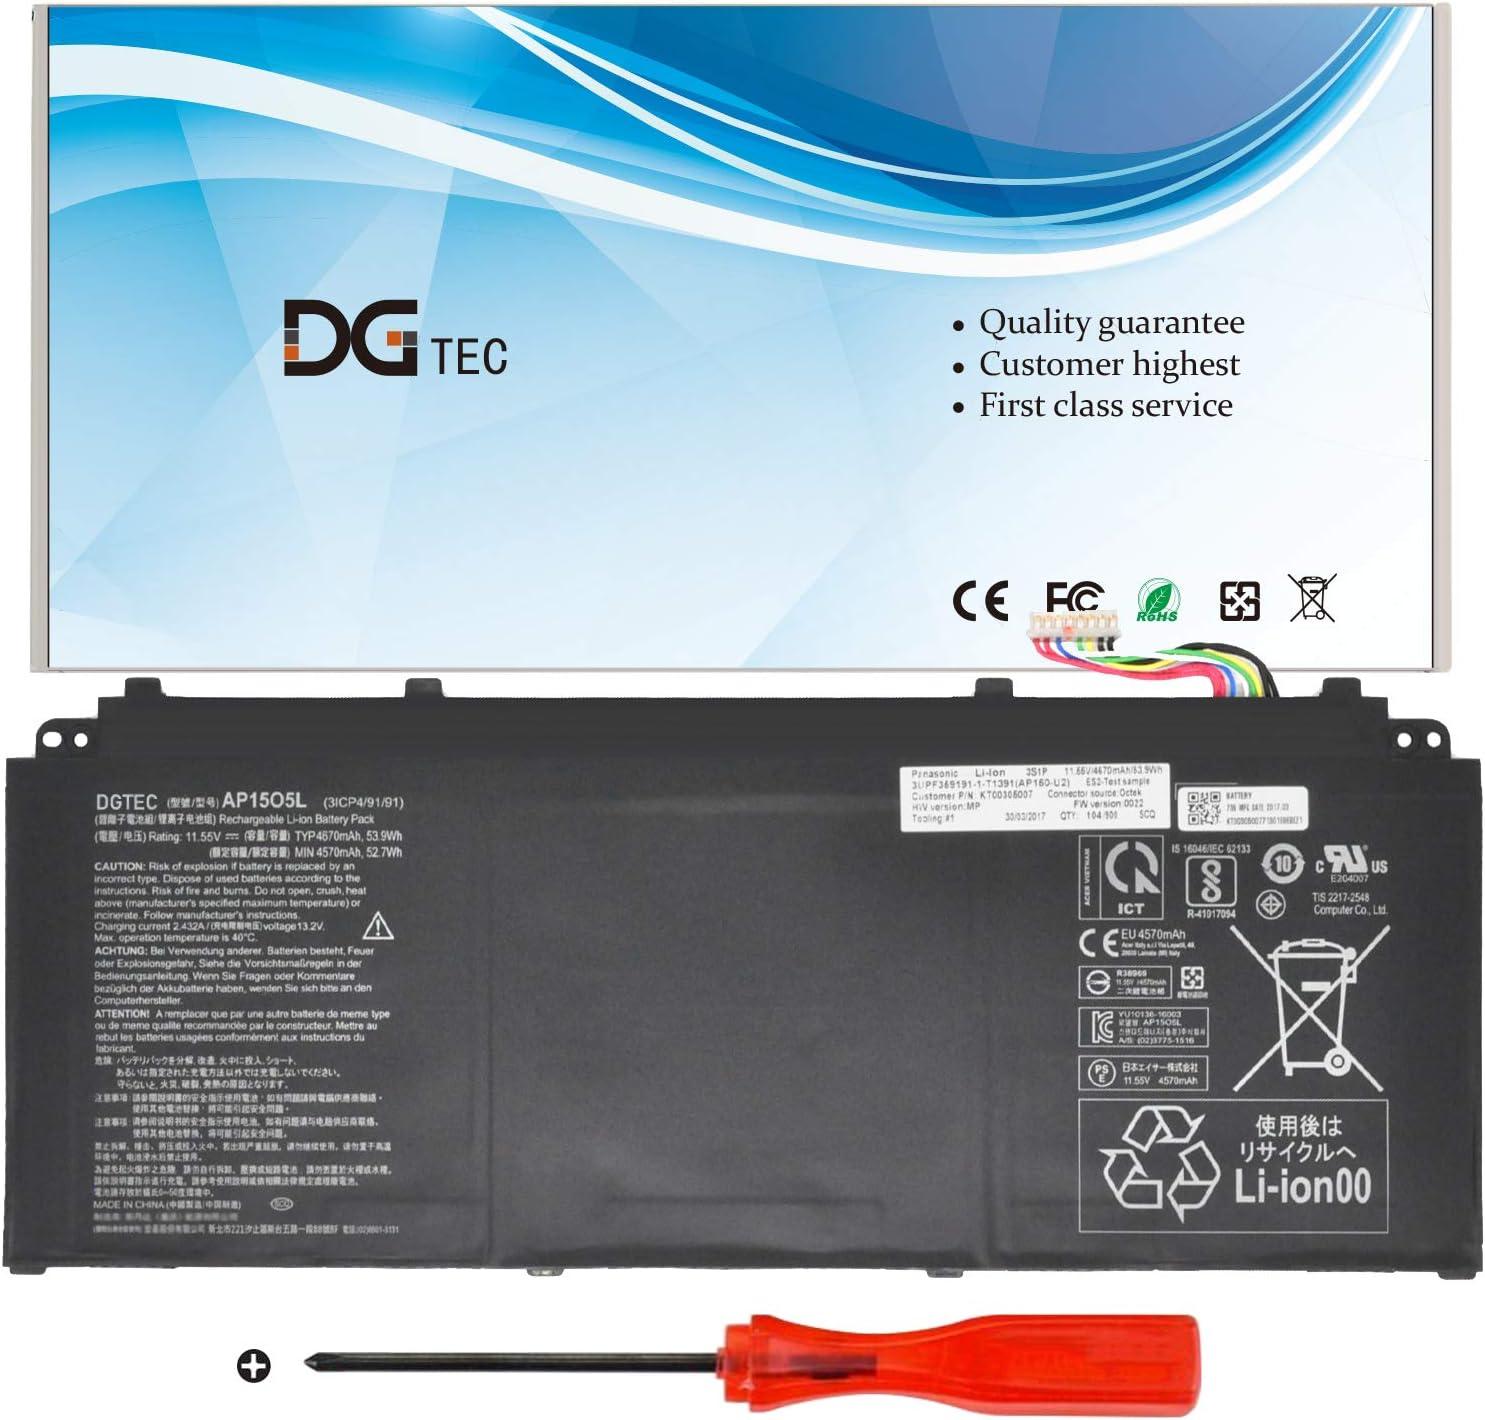 DGTEC New AP15O5L Laptop Battery for Acer Aspire S13 S5-371 S5-371T S5-371T-58CC S5-371-52JR S5-371-53NX S5-371T-58CC Chromebook R13 CB5-312T-K8Z9 SF514-51-558U CB5-312T(11.55V 53.9Wh/4670mAh)